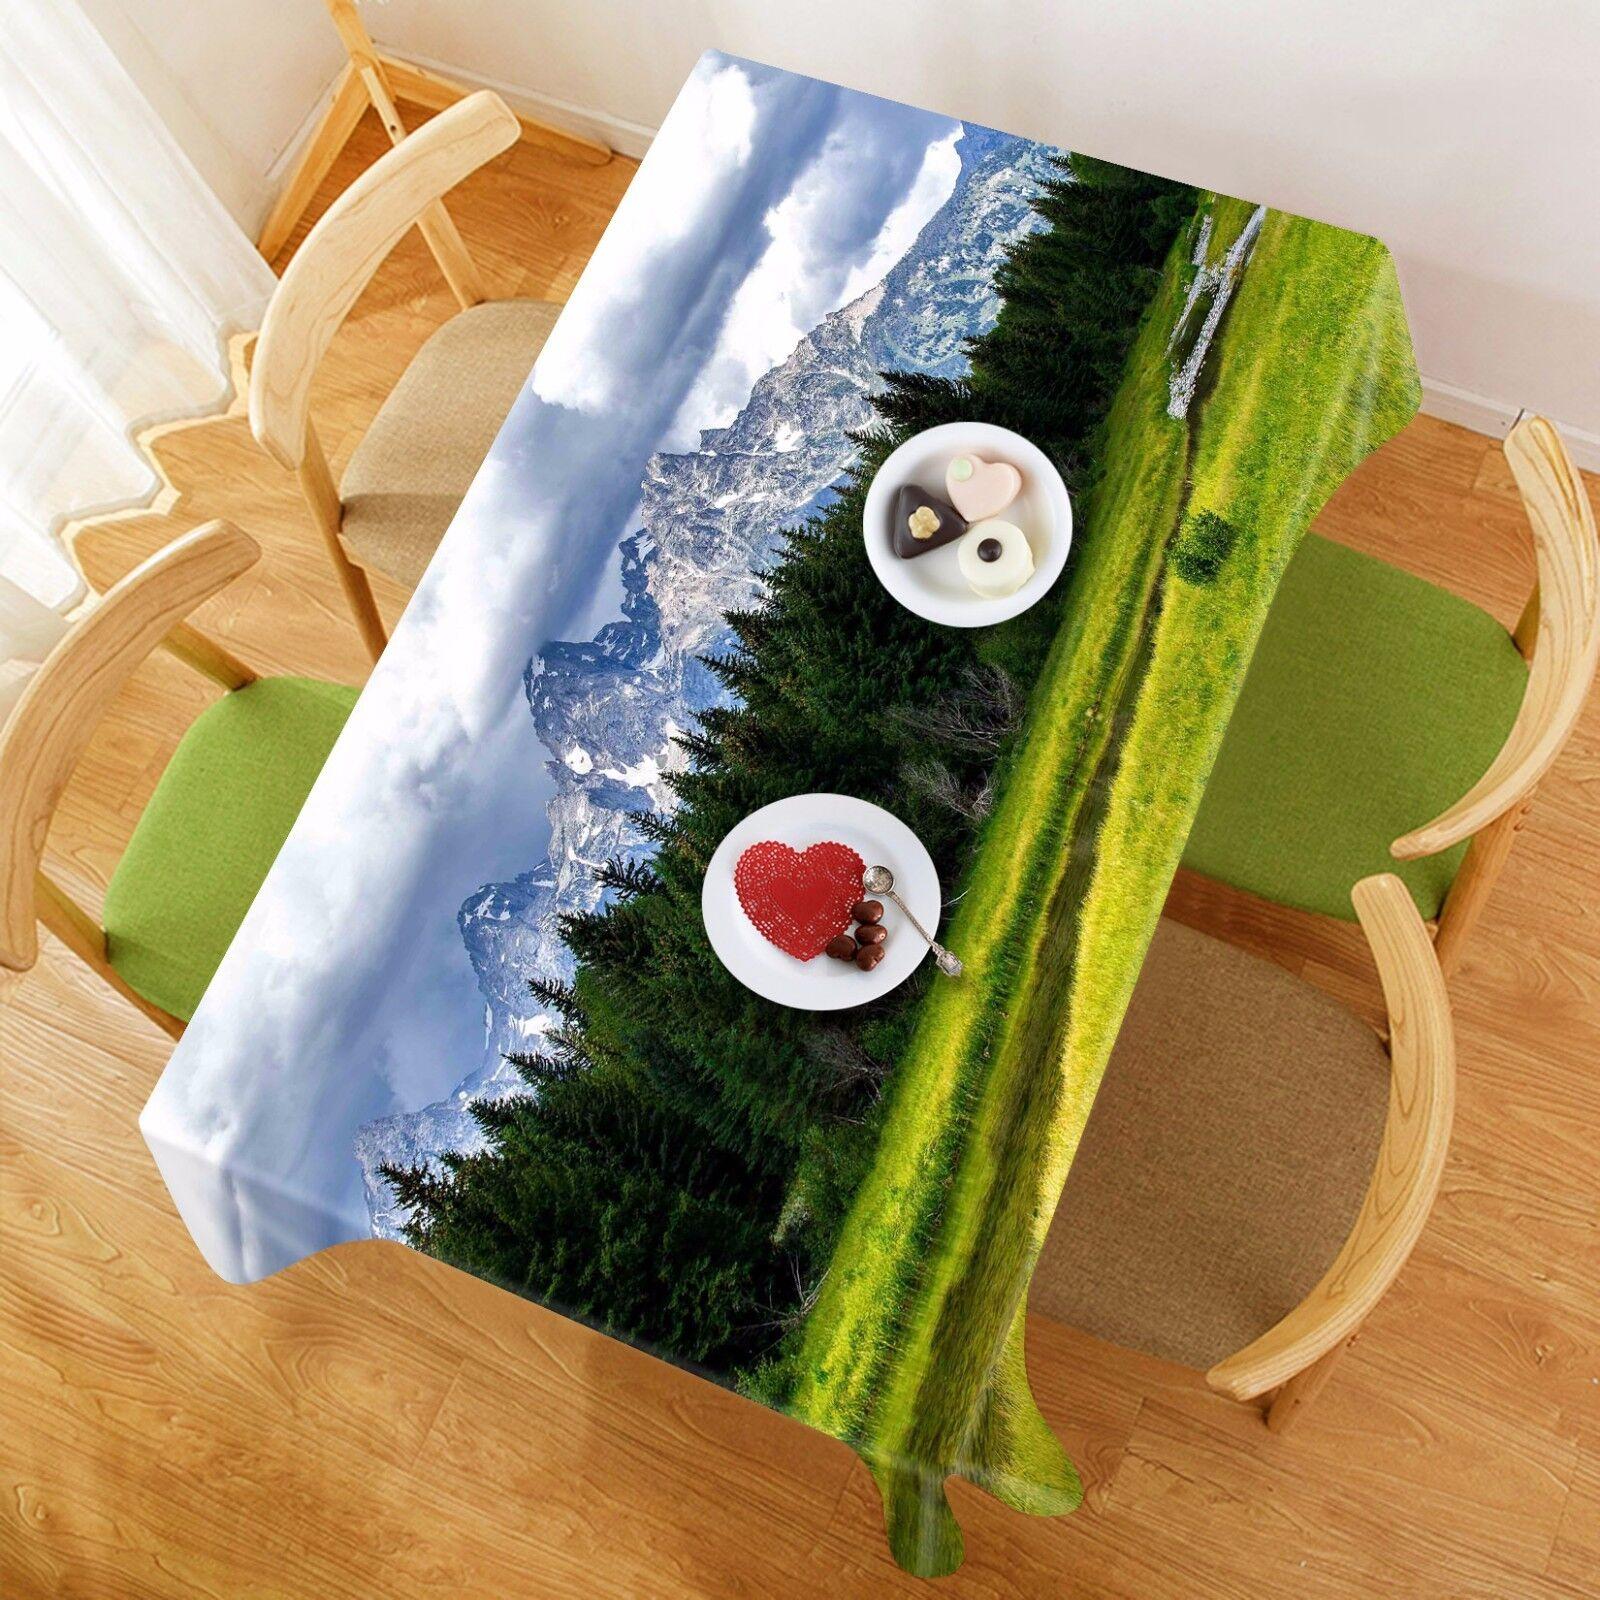 3D Ciel Pelouse 94 Nappe Table Cover Cloth Fête D'Anniversaire événement AJ papier peint UK